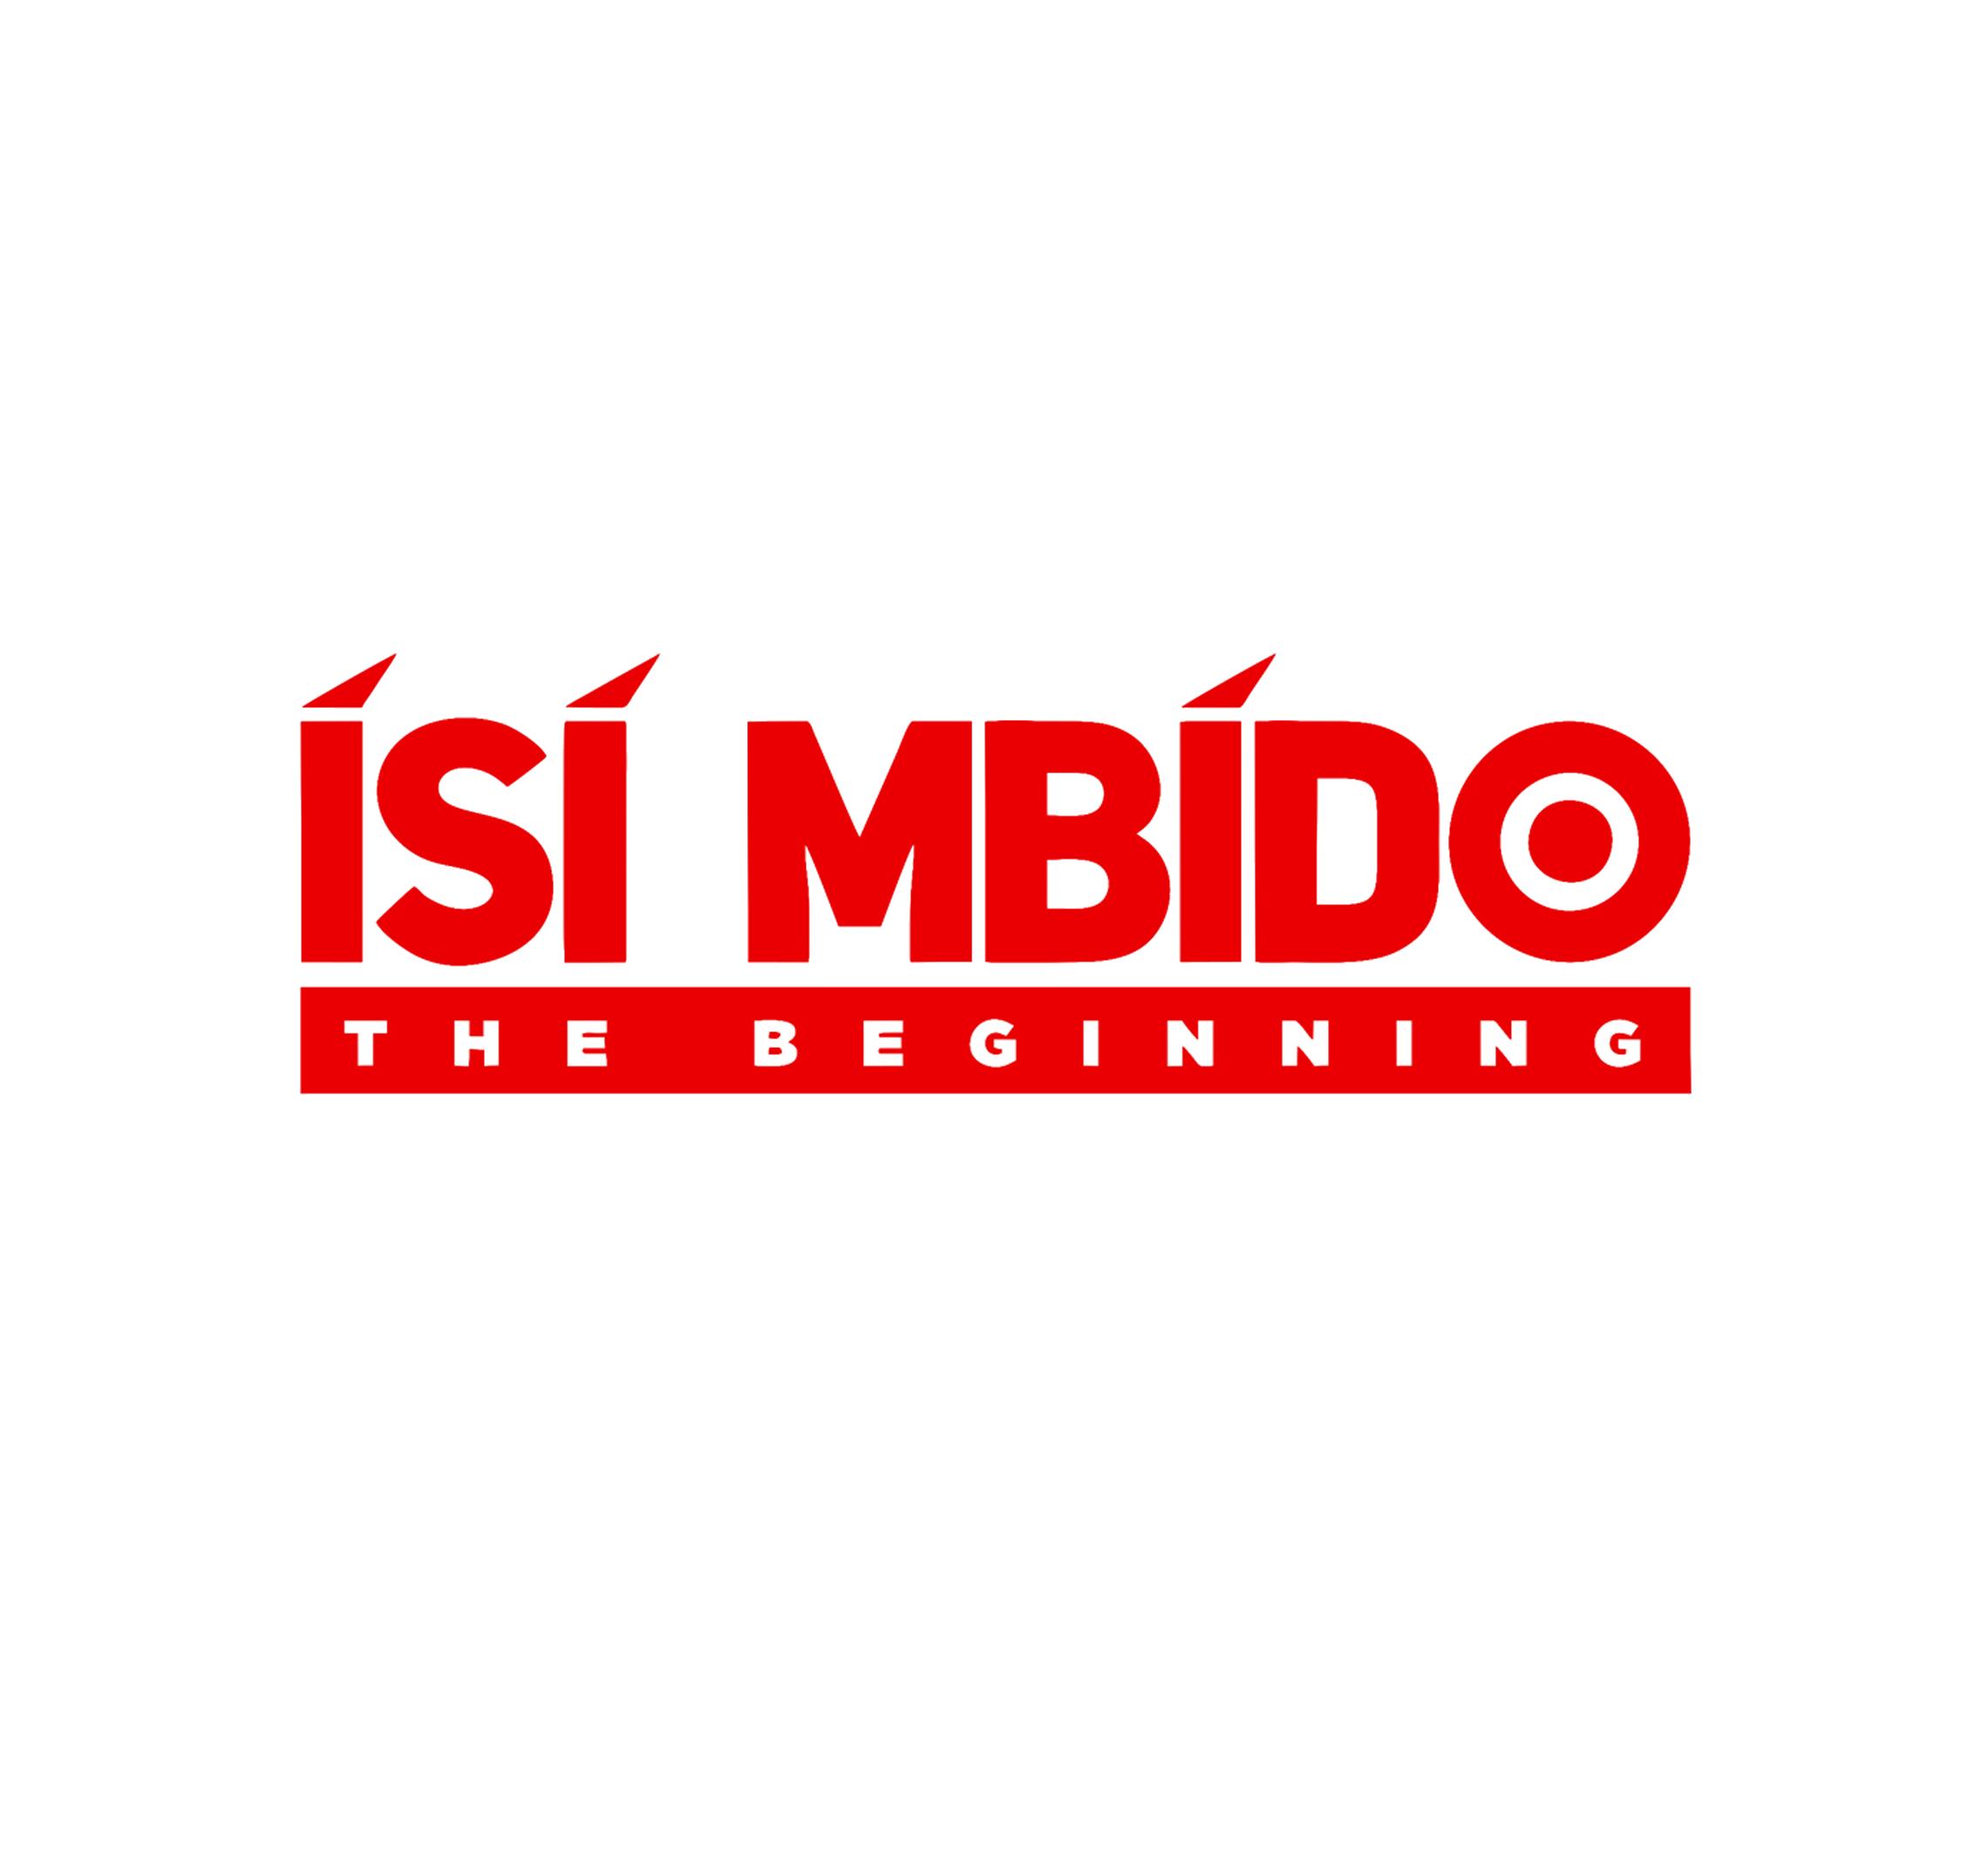 Isimbido TV